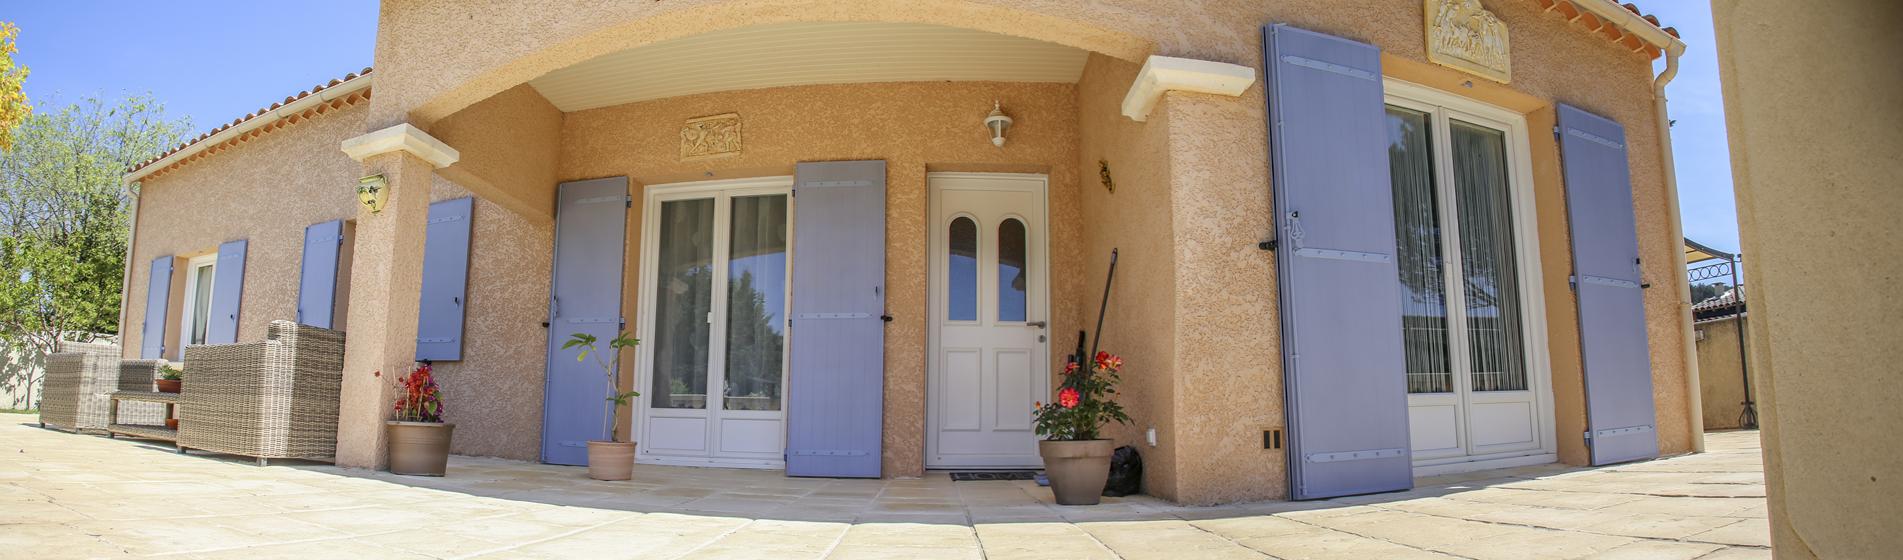 achat porte fenêtre pvc 13 Bouches-du-Rhône